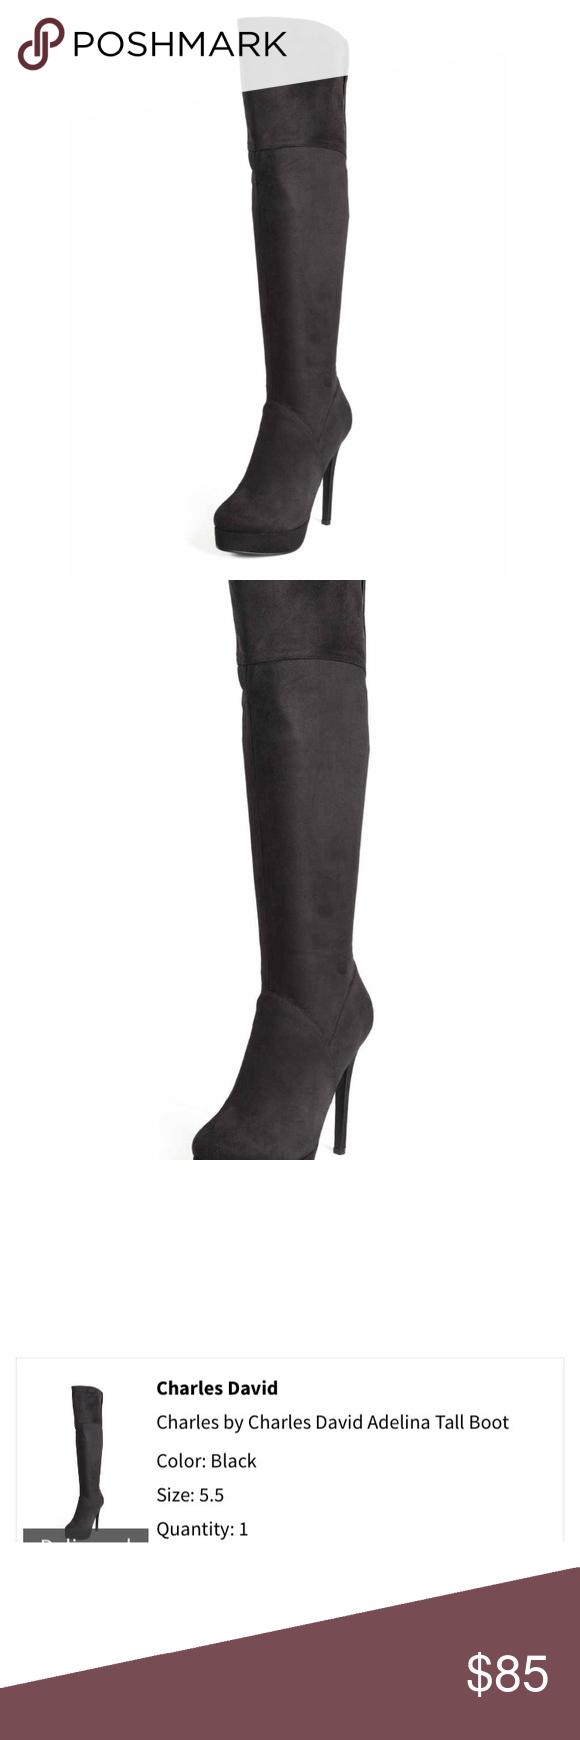 Charles David Suede Heeled Boot Black Charles David Suede Heeled Boot, color black. Excellent condition. Size 5.5 Charles David Shoes Heeled Boots